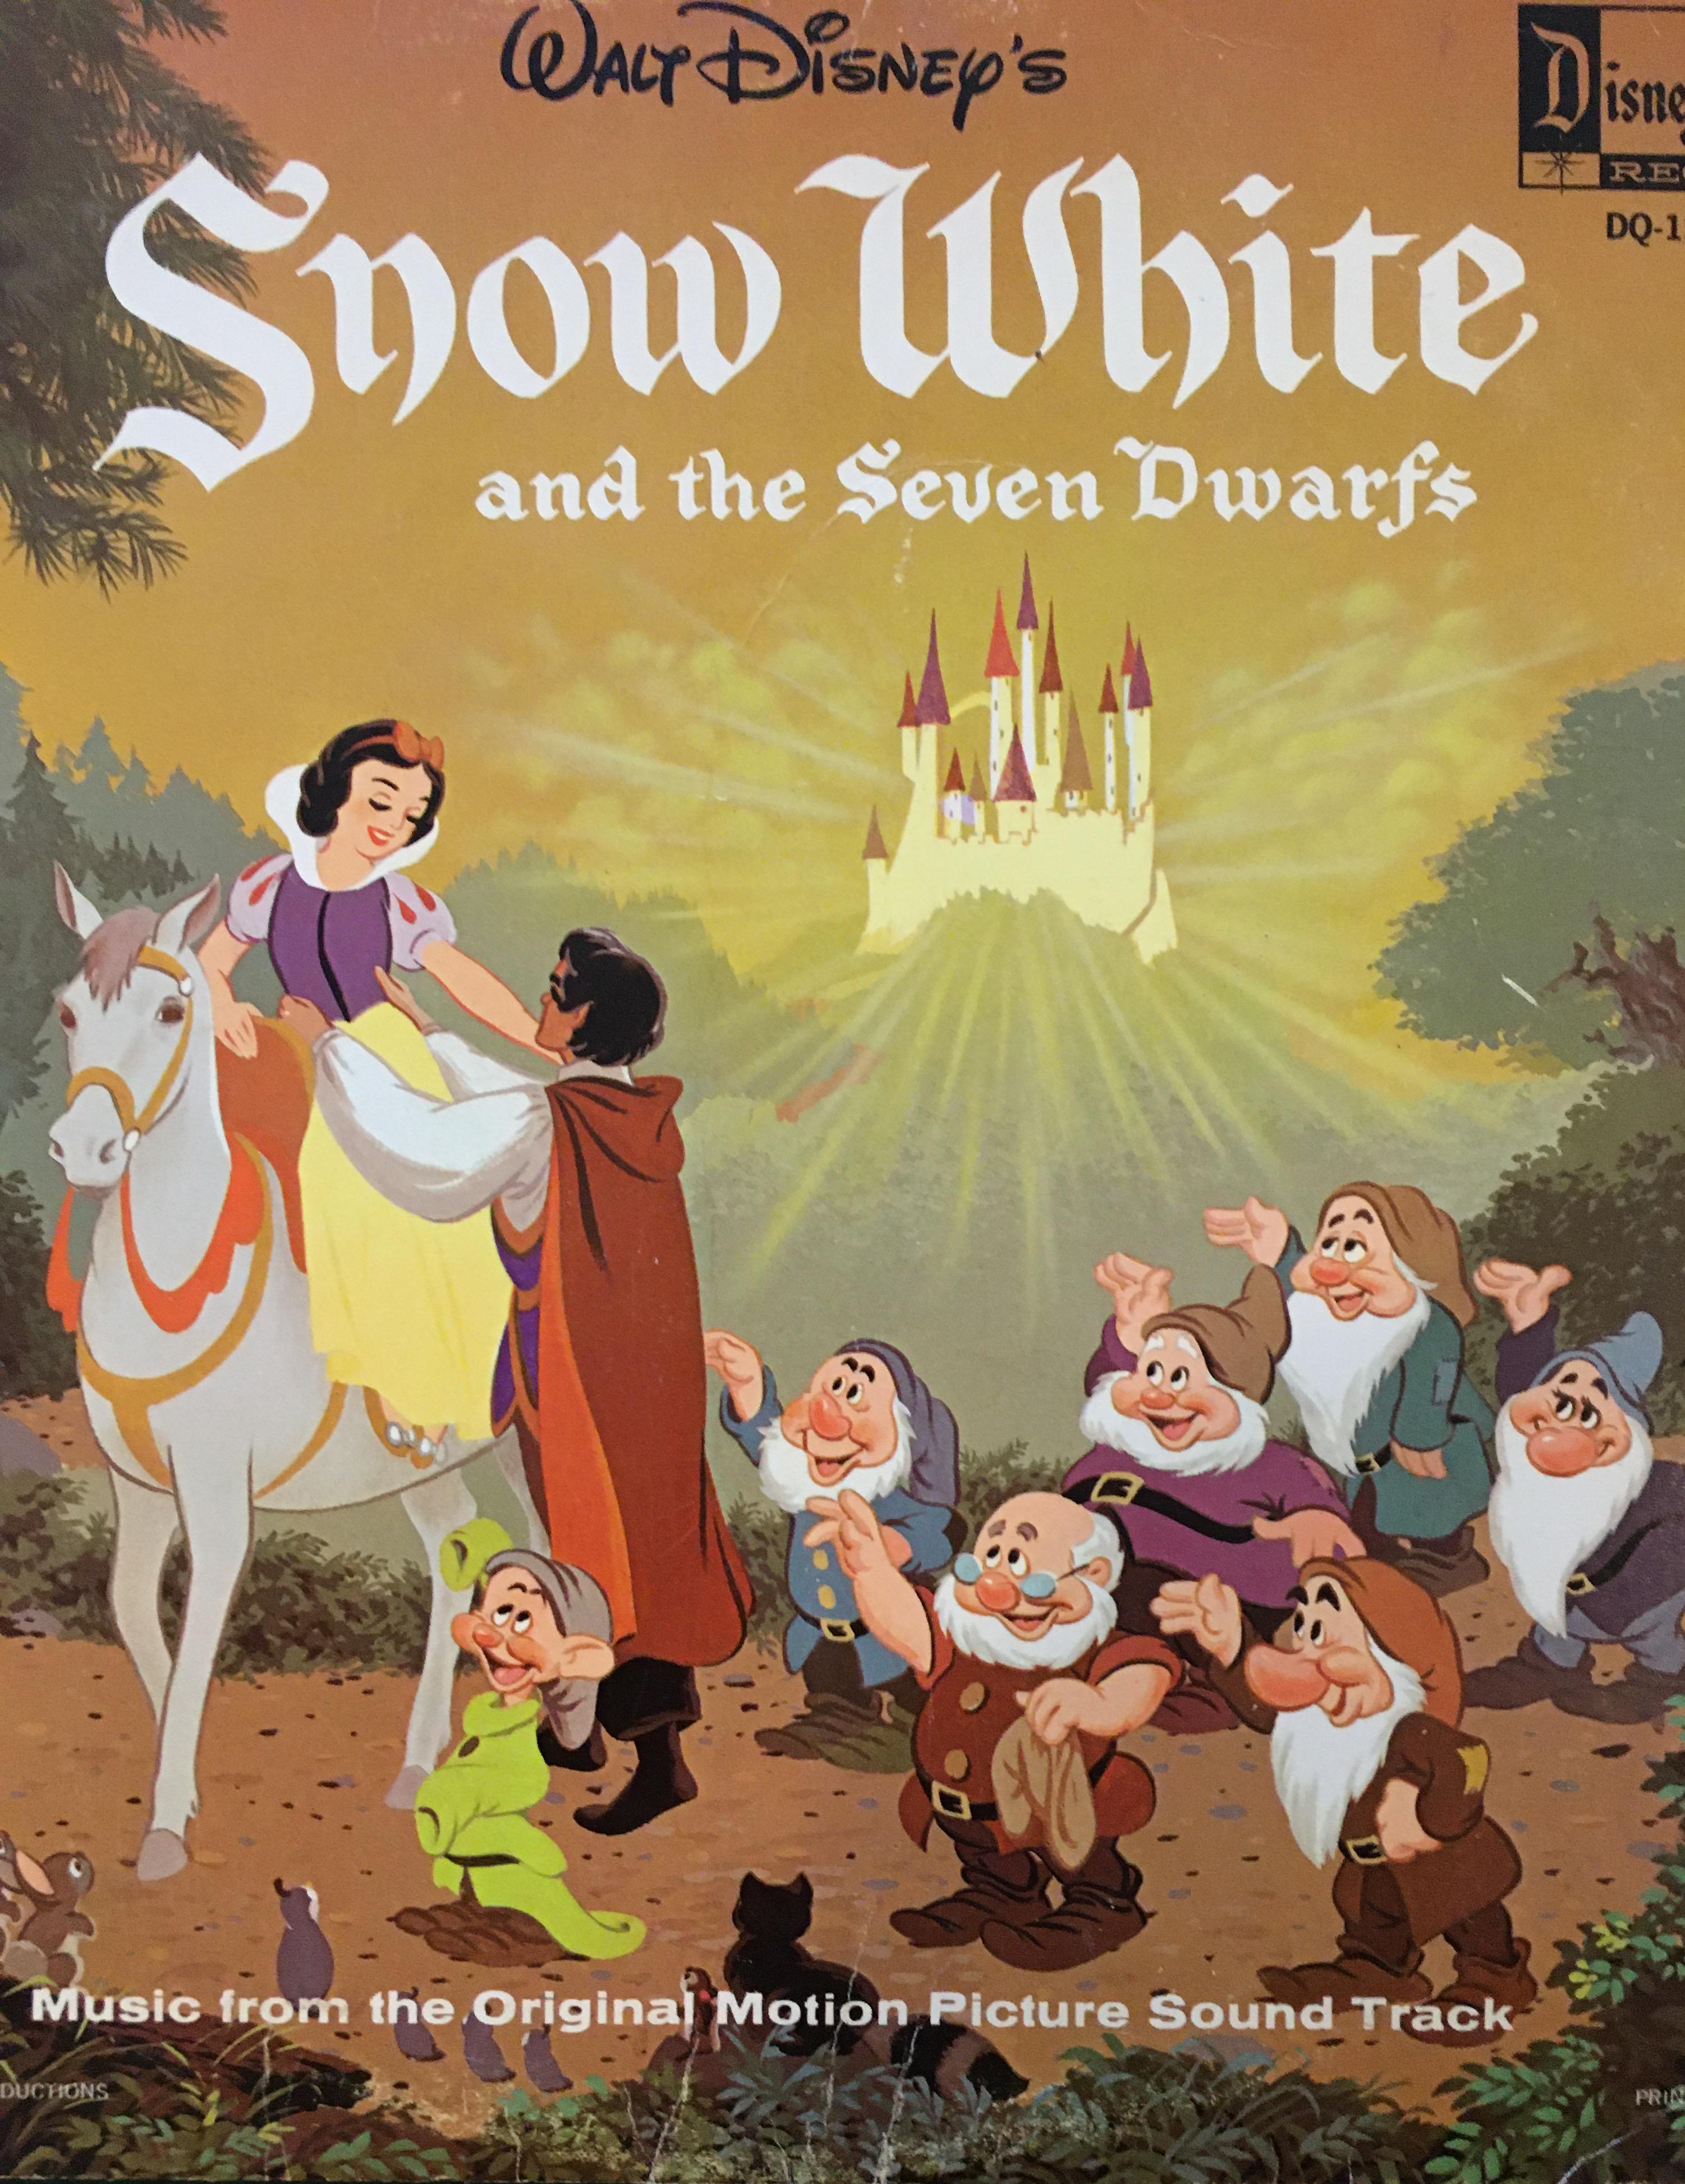 Snow White Movie Night